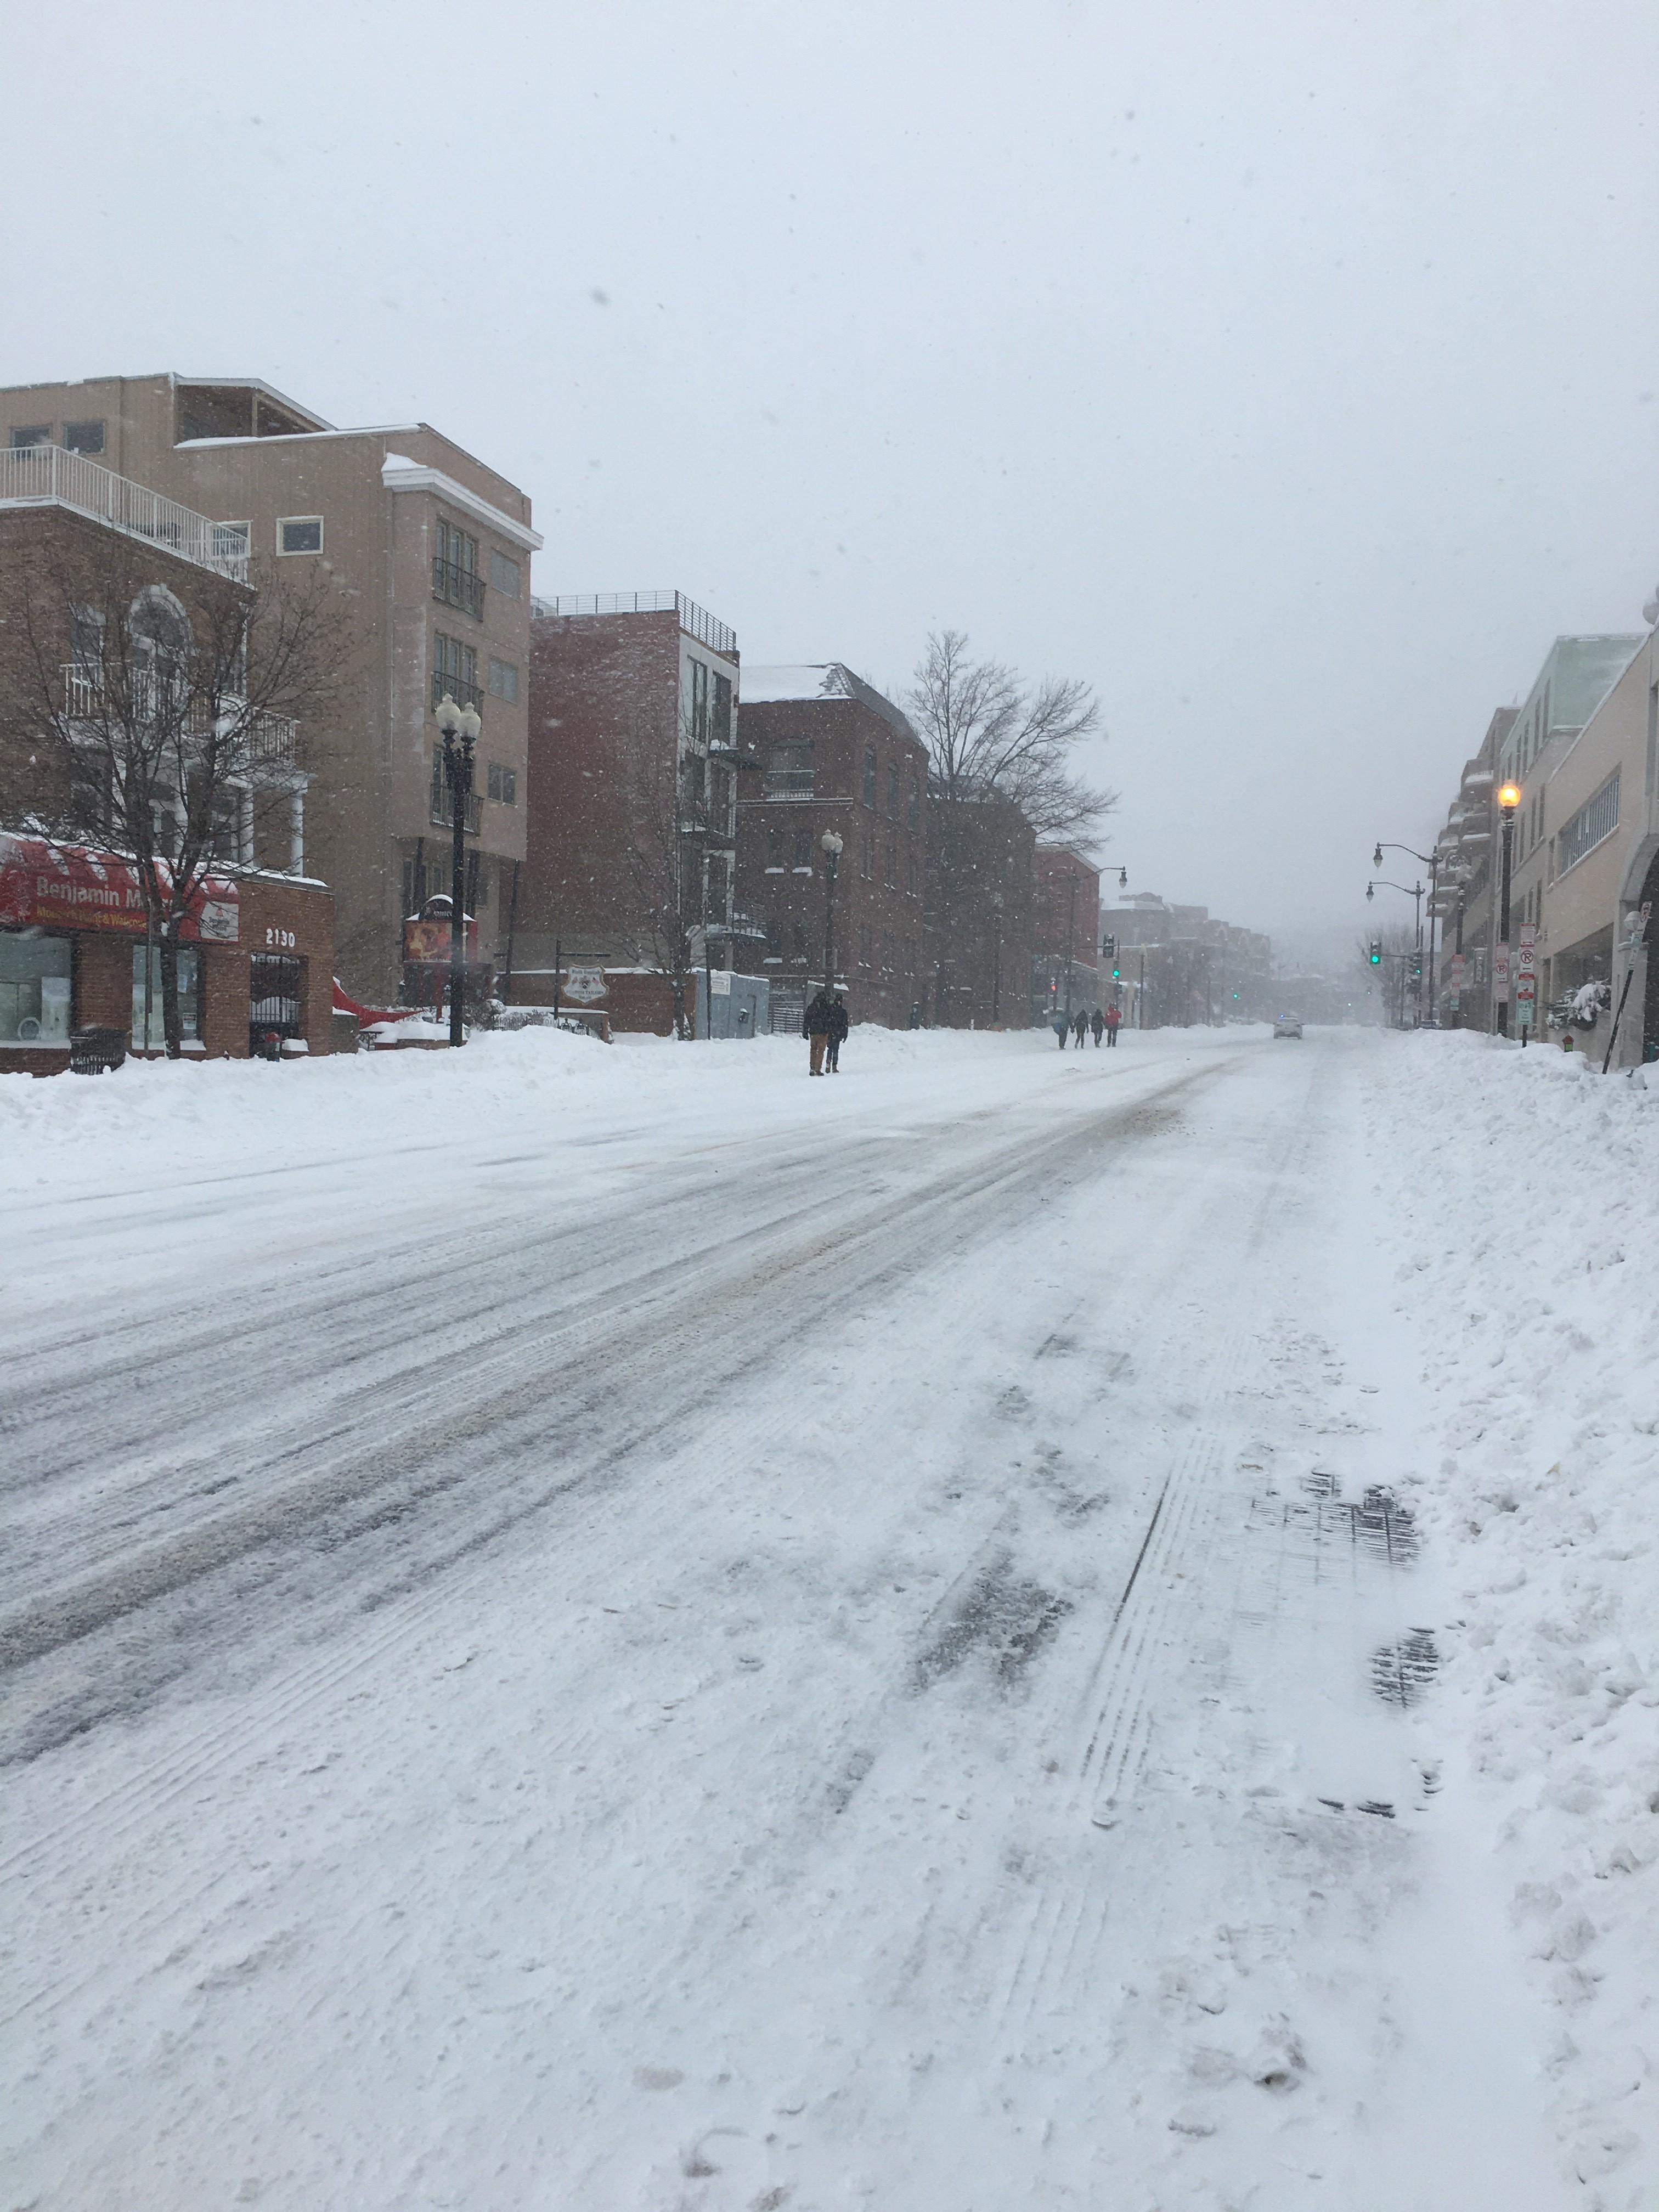 Yksi Washingtonin vilkkaimista väylistä Wisconsin Avenue toimi Snowzillan aikaan kävelykatuna.